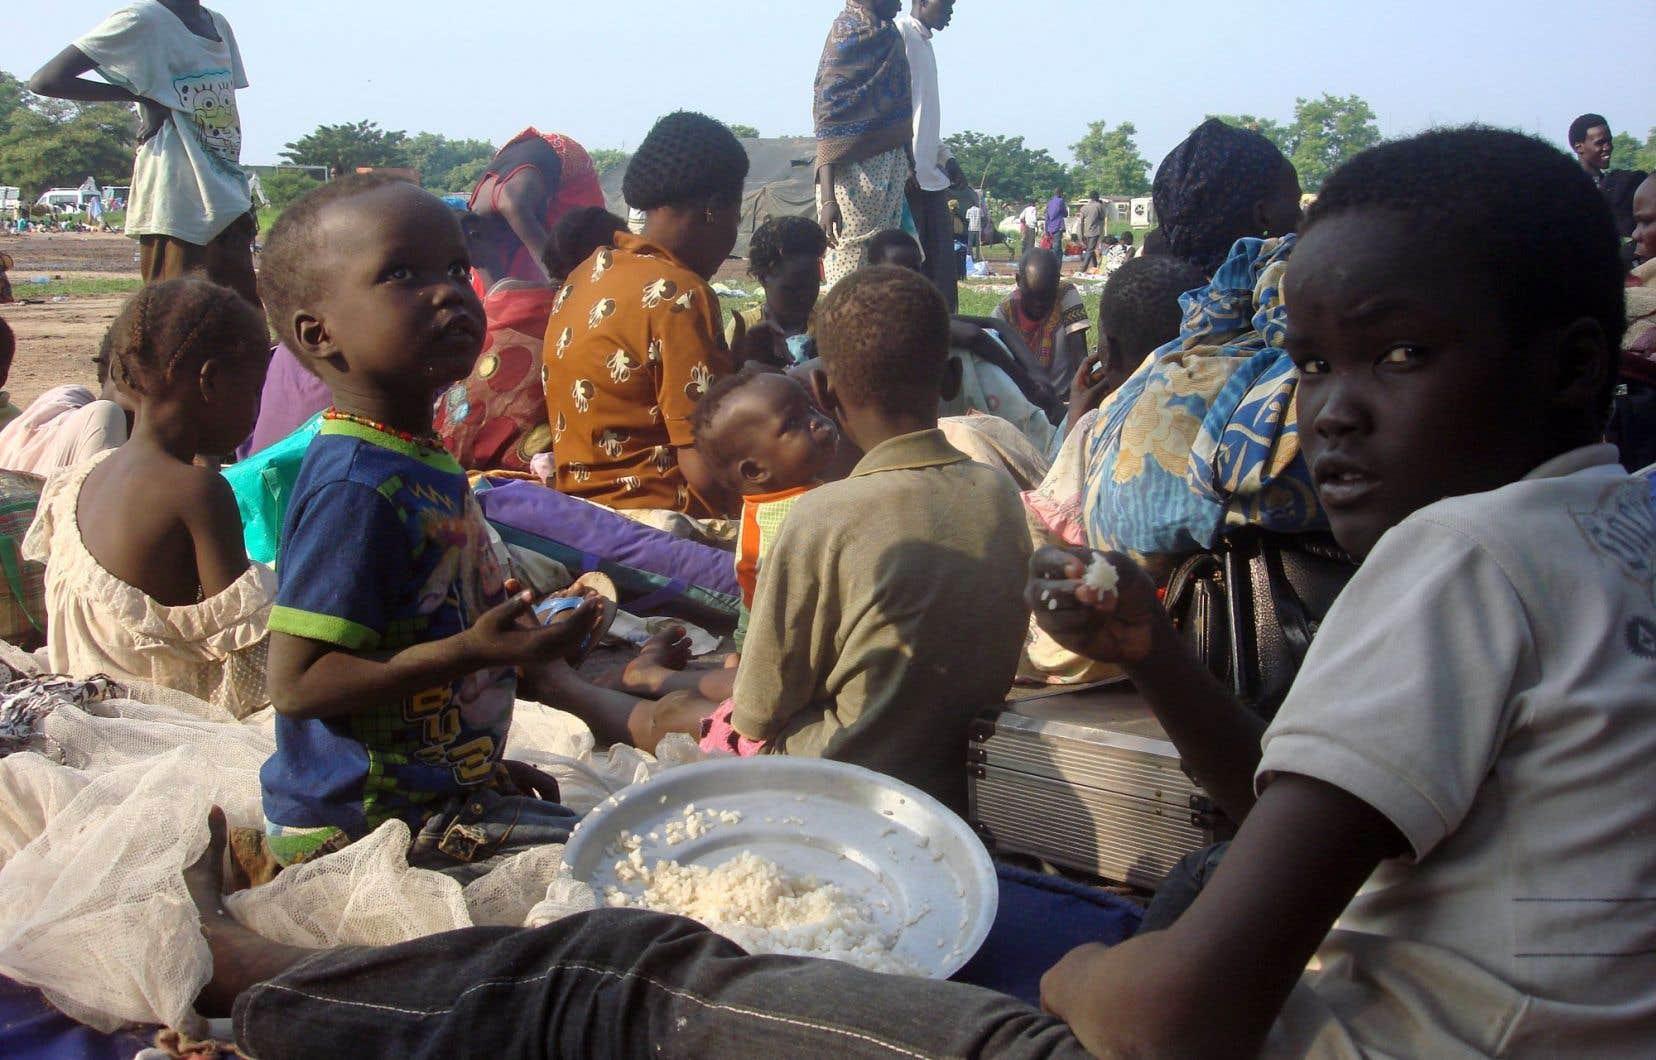 Environ 3000 Sud-Soudanais ont trouvé refuge dans un camp de l'ONU situé à proximité de Juba, la capitale du Soudan du Sud.